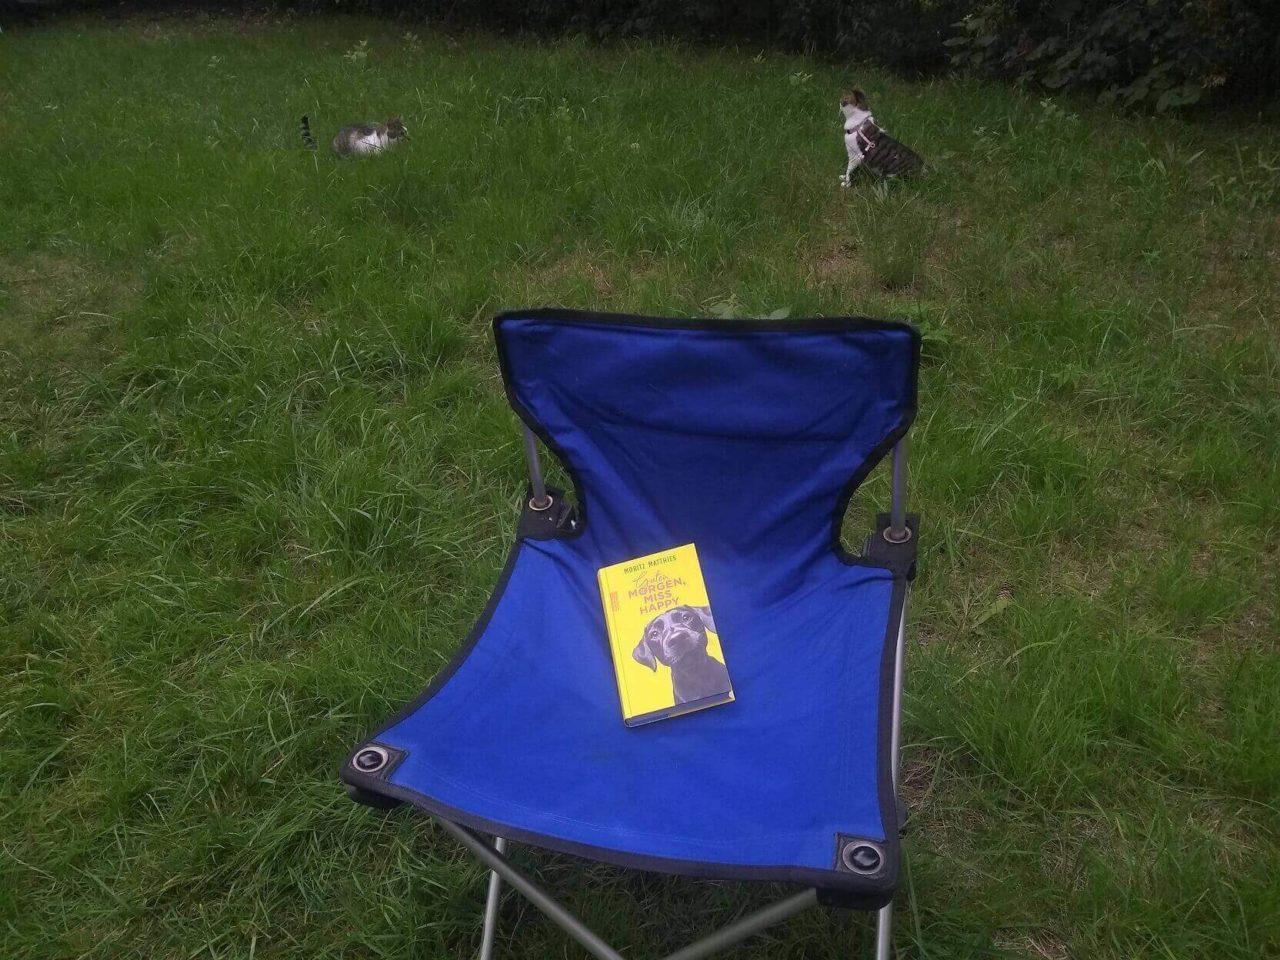 Die Katzen im Garten und der Campingstuhl mit dem Buch Guten Morgen, Miss Happy!